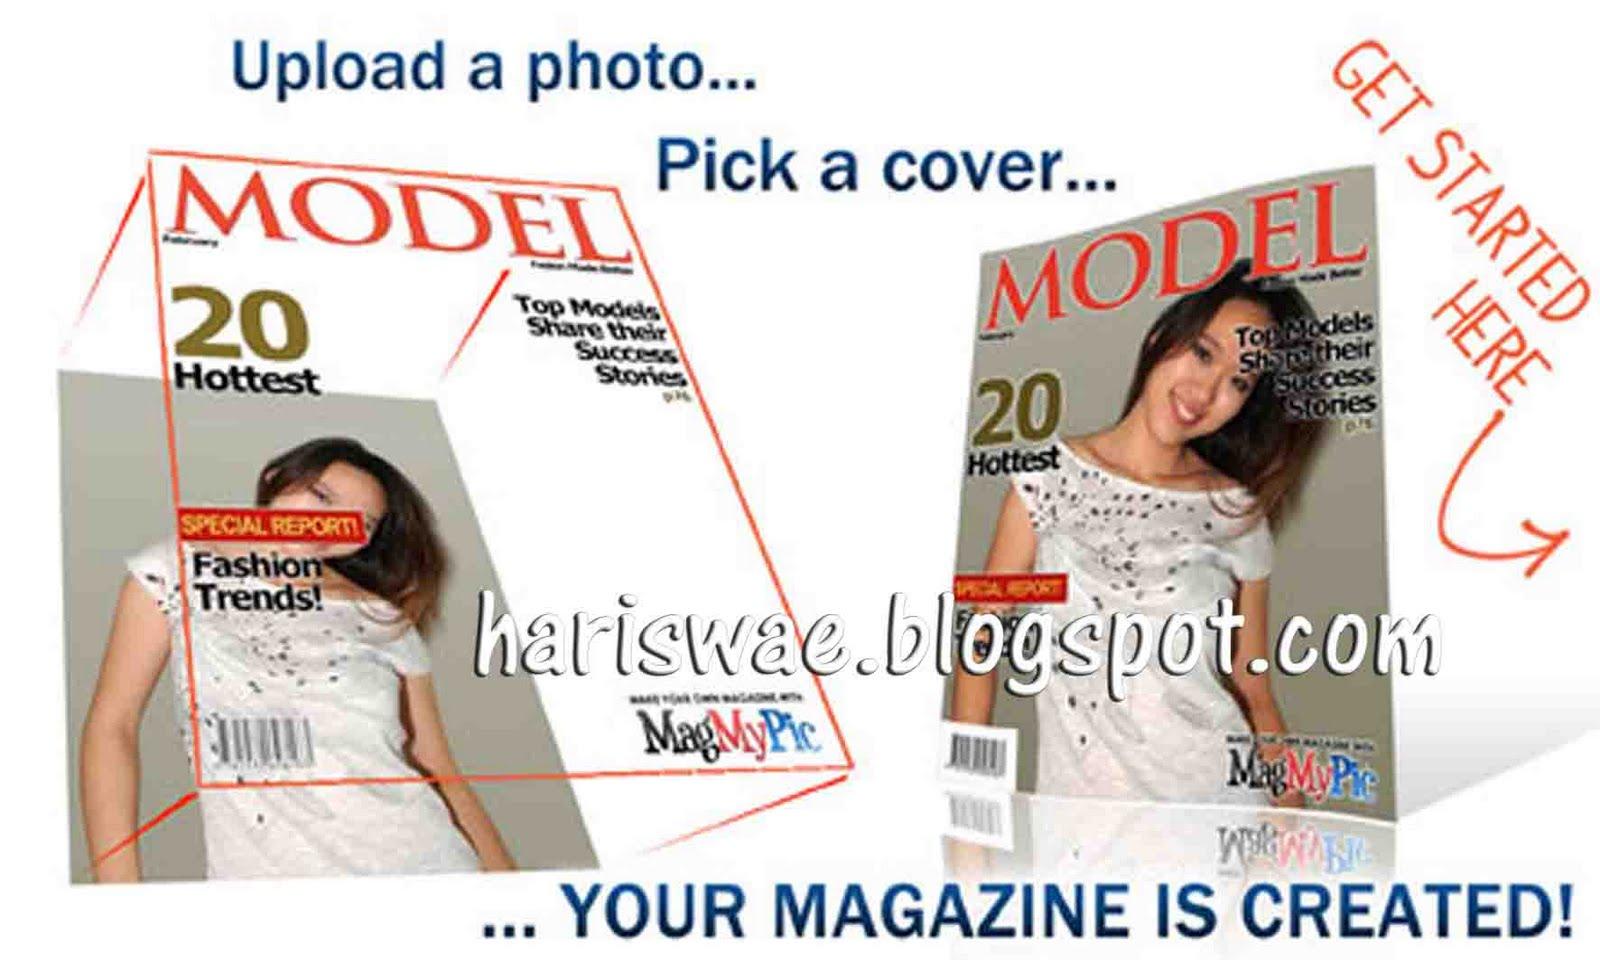 Cara ubah foto jadi sampul majalah kali ini tidak jauh berbeda dengan